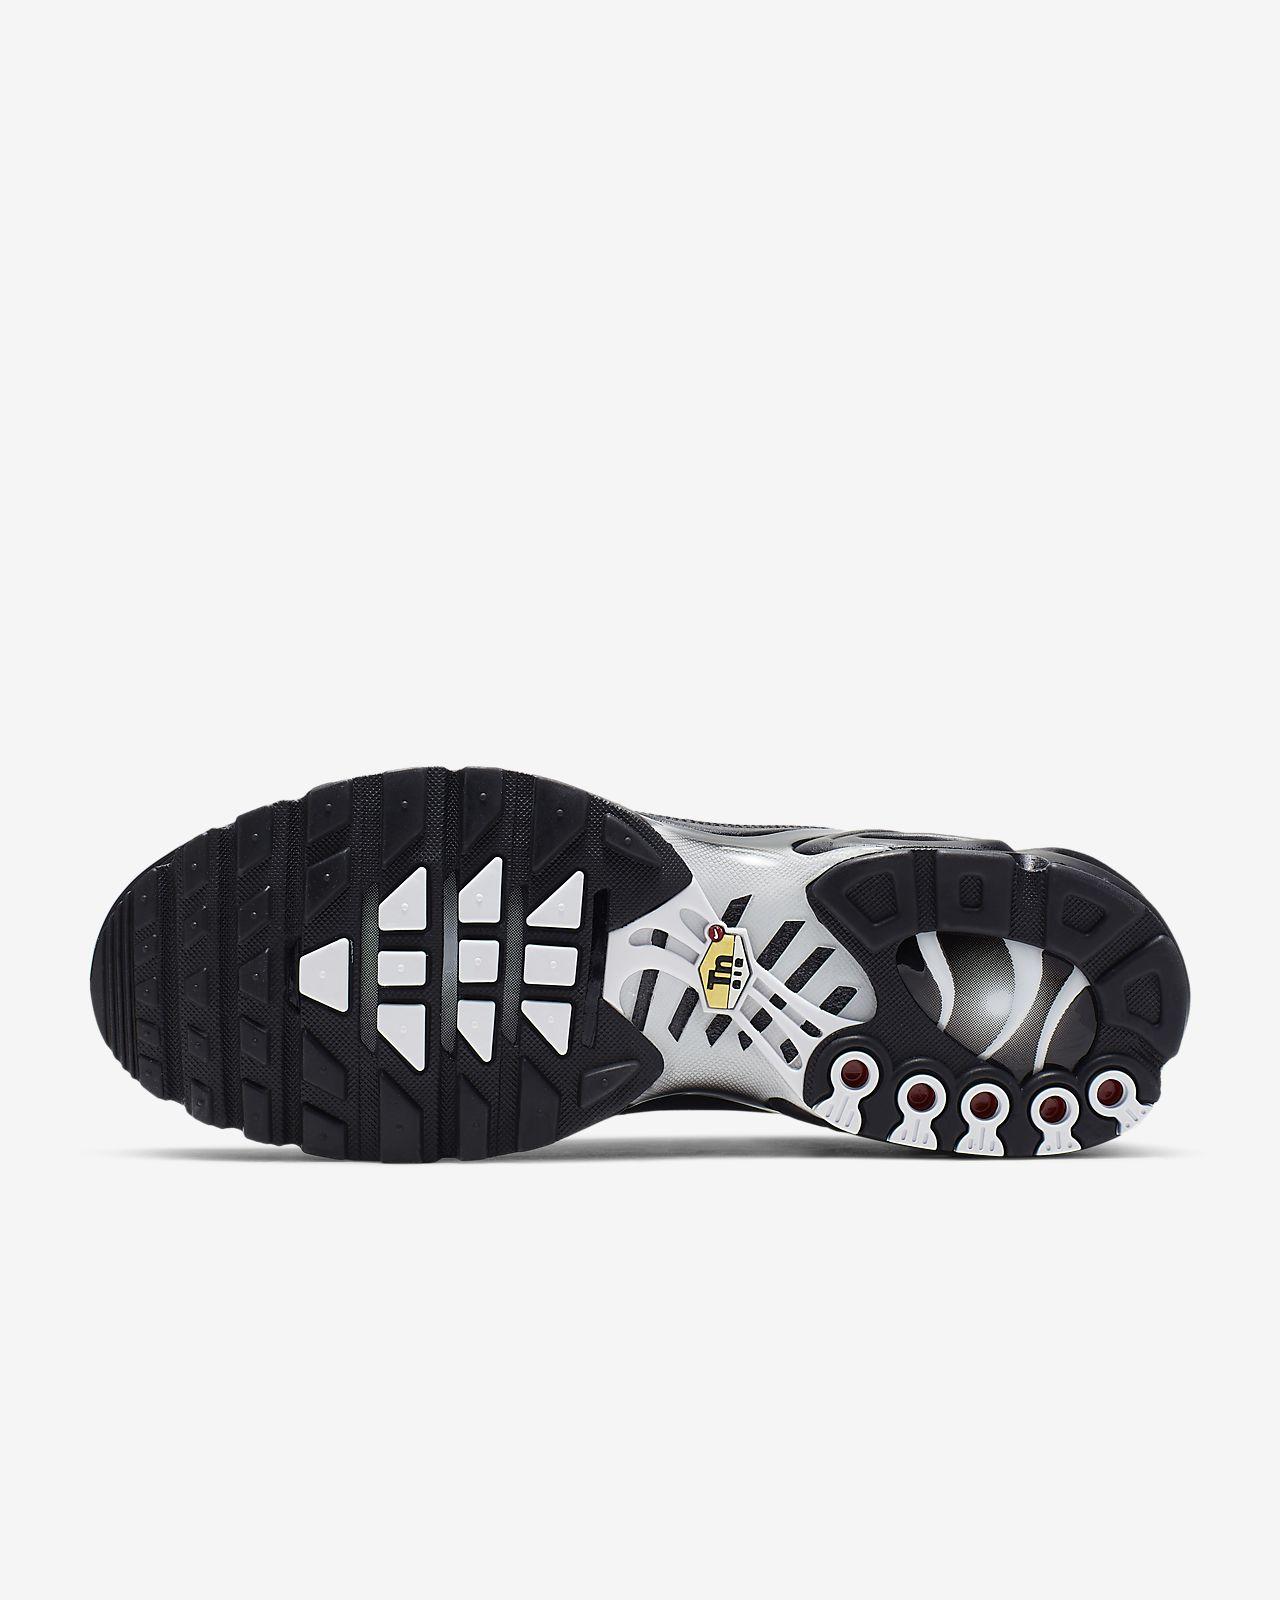 044cdb2b9c Nike Air Max Plus Tn SE Men's Shoe. Nike.com LU